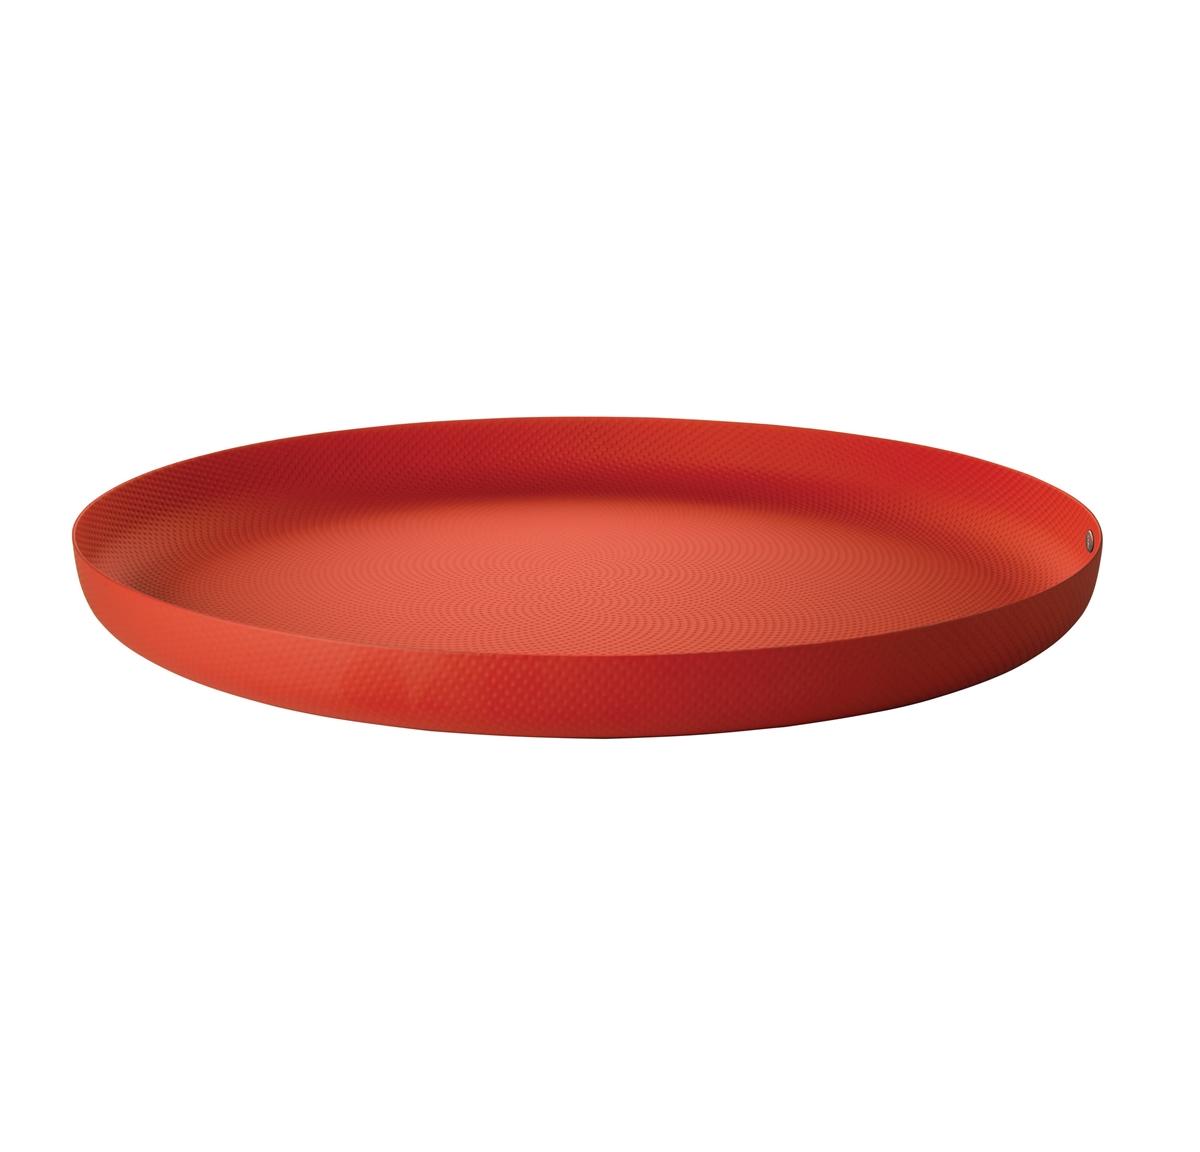 Alessi-Rundschale aus Stahl mit Epoxidharz, rot